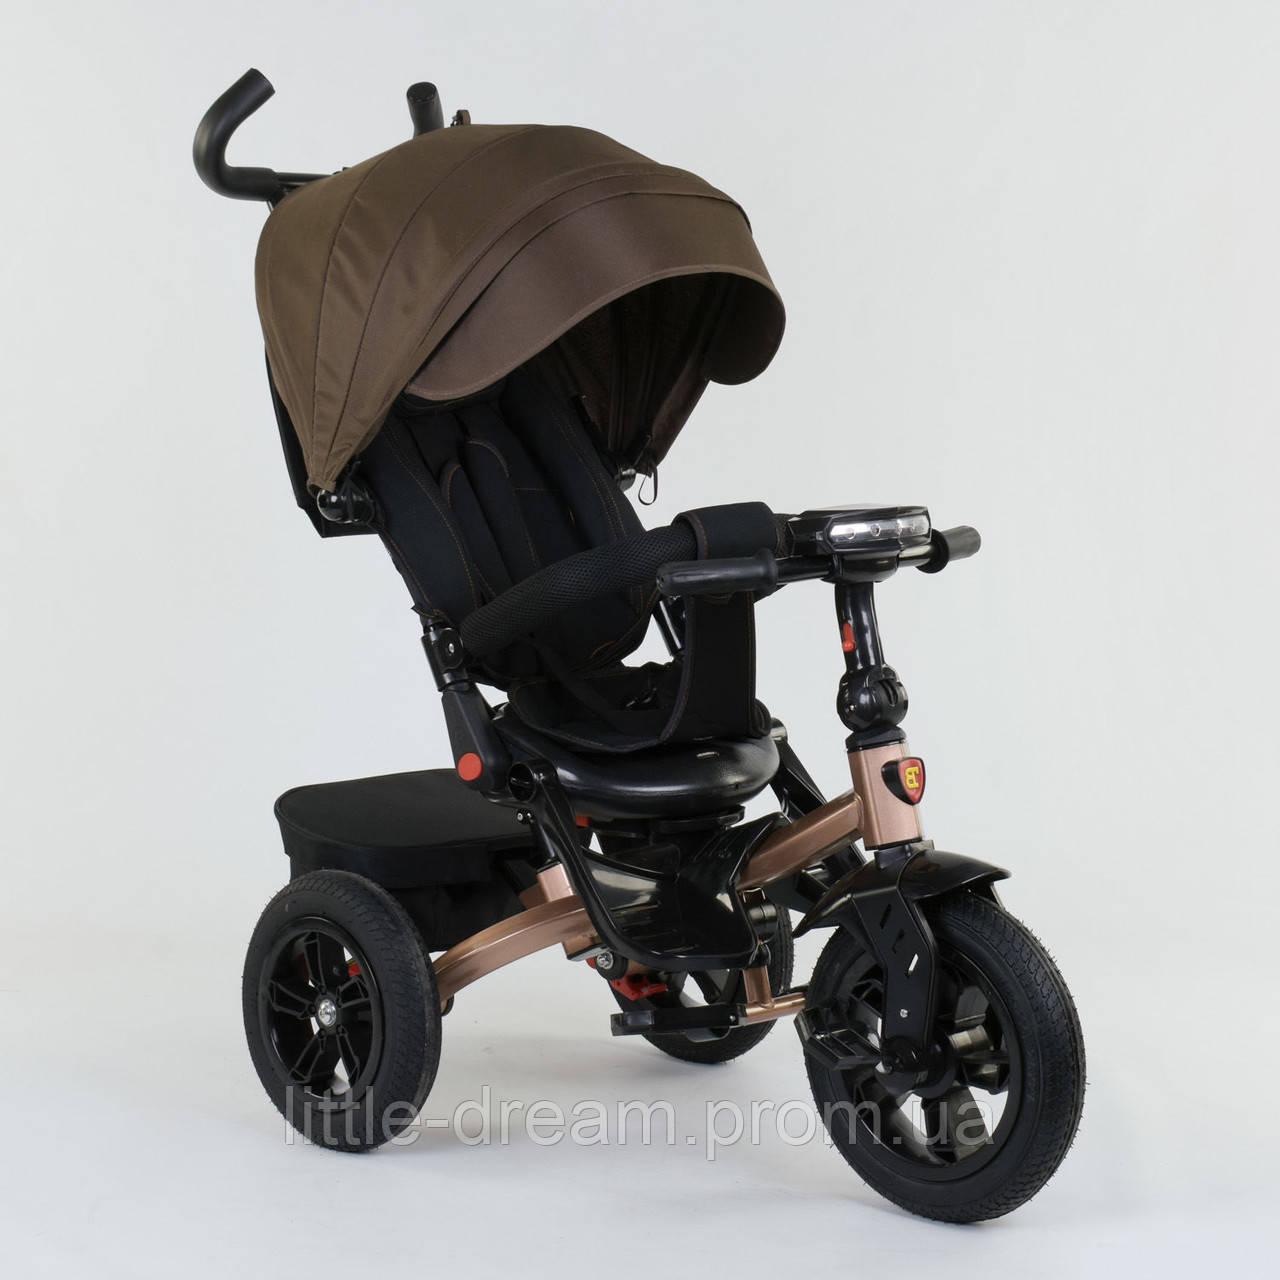 Велосипед 3-х колёсный Best Trike с поворотным сиденьем 9500 - 2620, складной руль, русское озвучивание, надувные колеса, свет